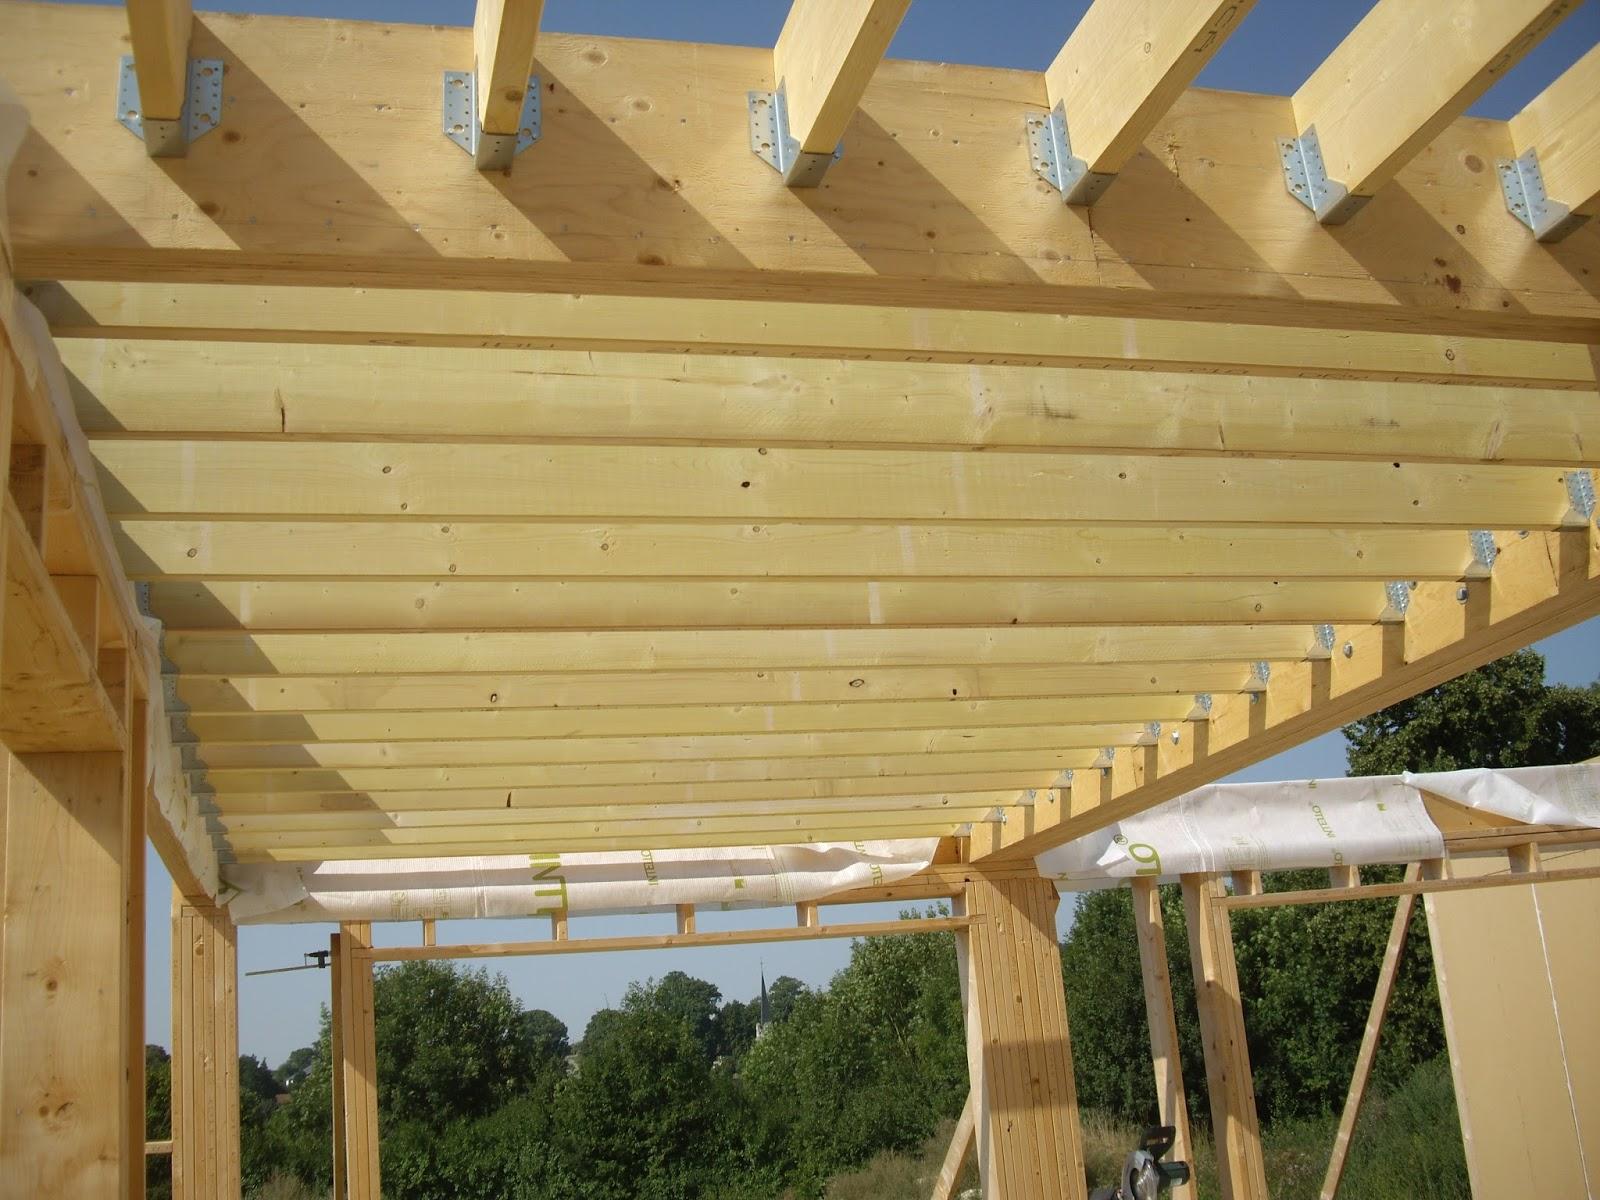 Notre auto construction passive maison ossature bois m o b ossature bois jour 21 for Construction bois 21